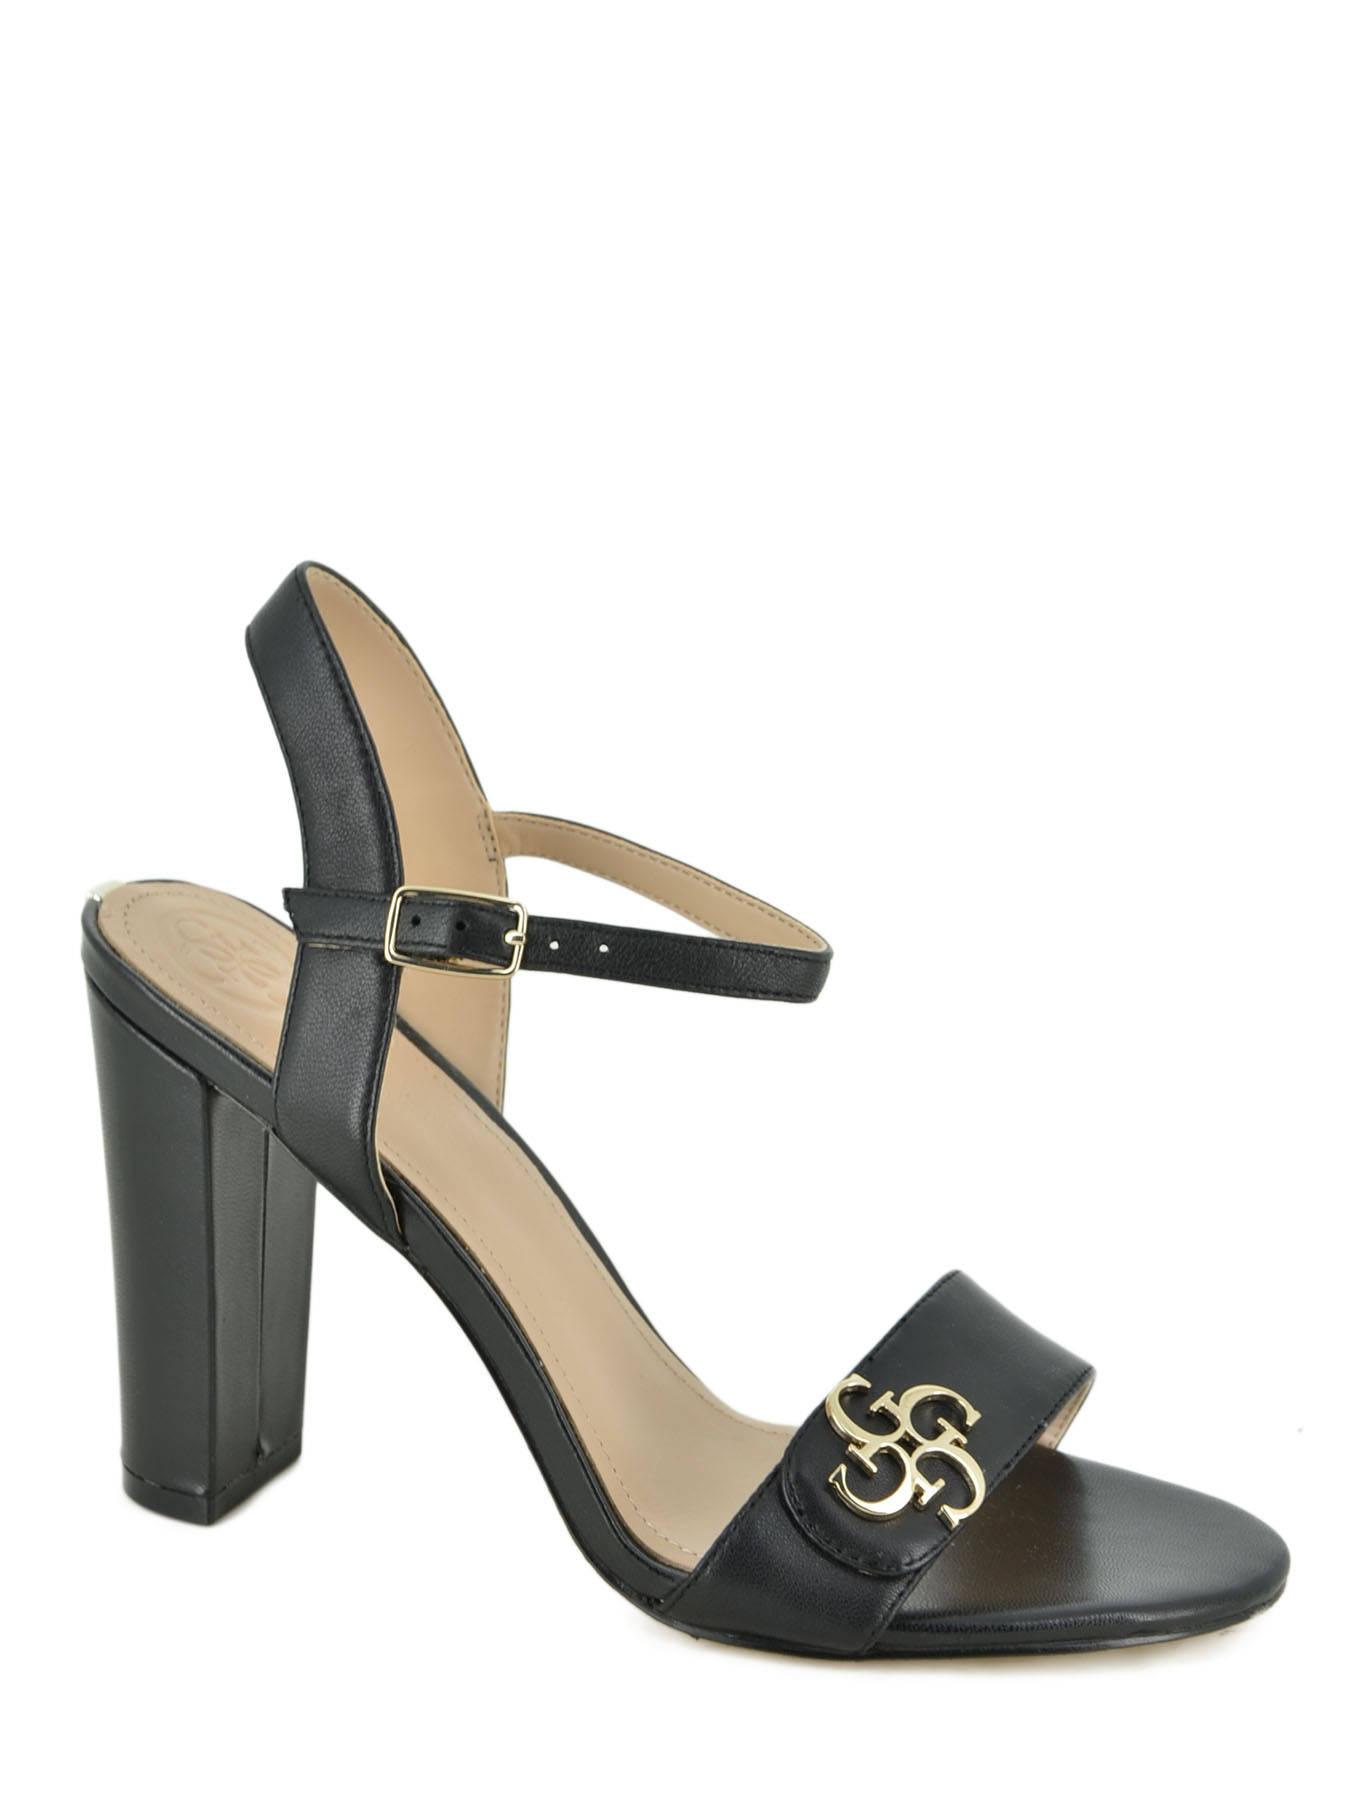 cd89c02ec901 Sandales nu-pieds Guess AMIYAH black en vente au meilleur prix